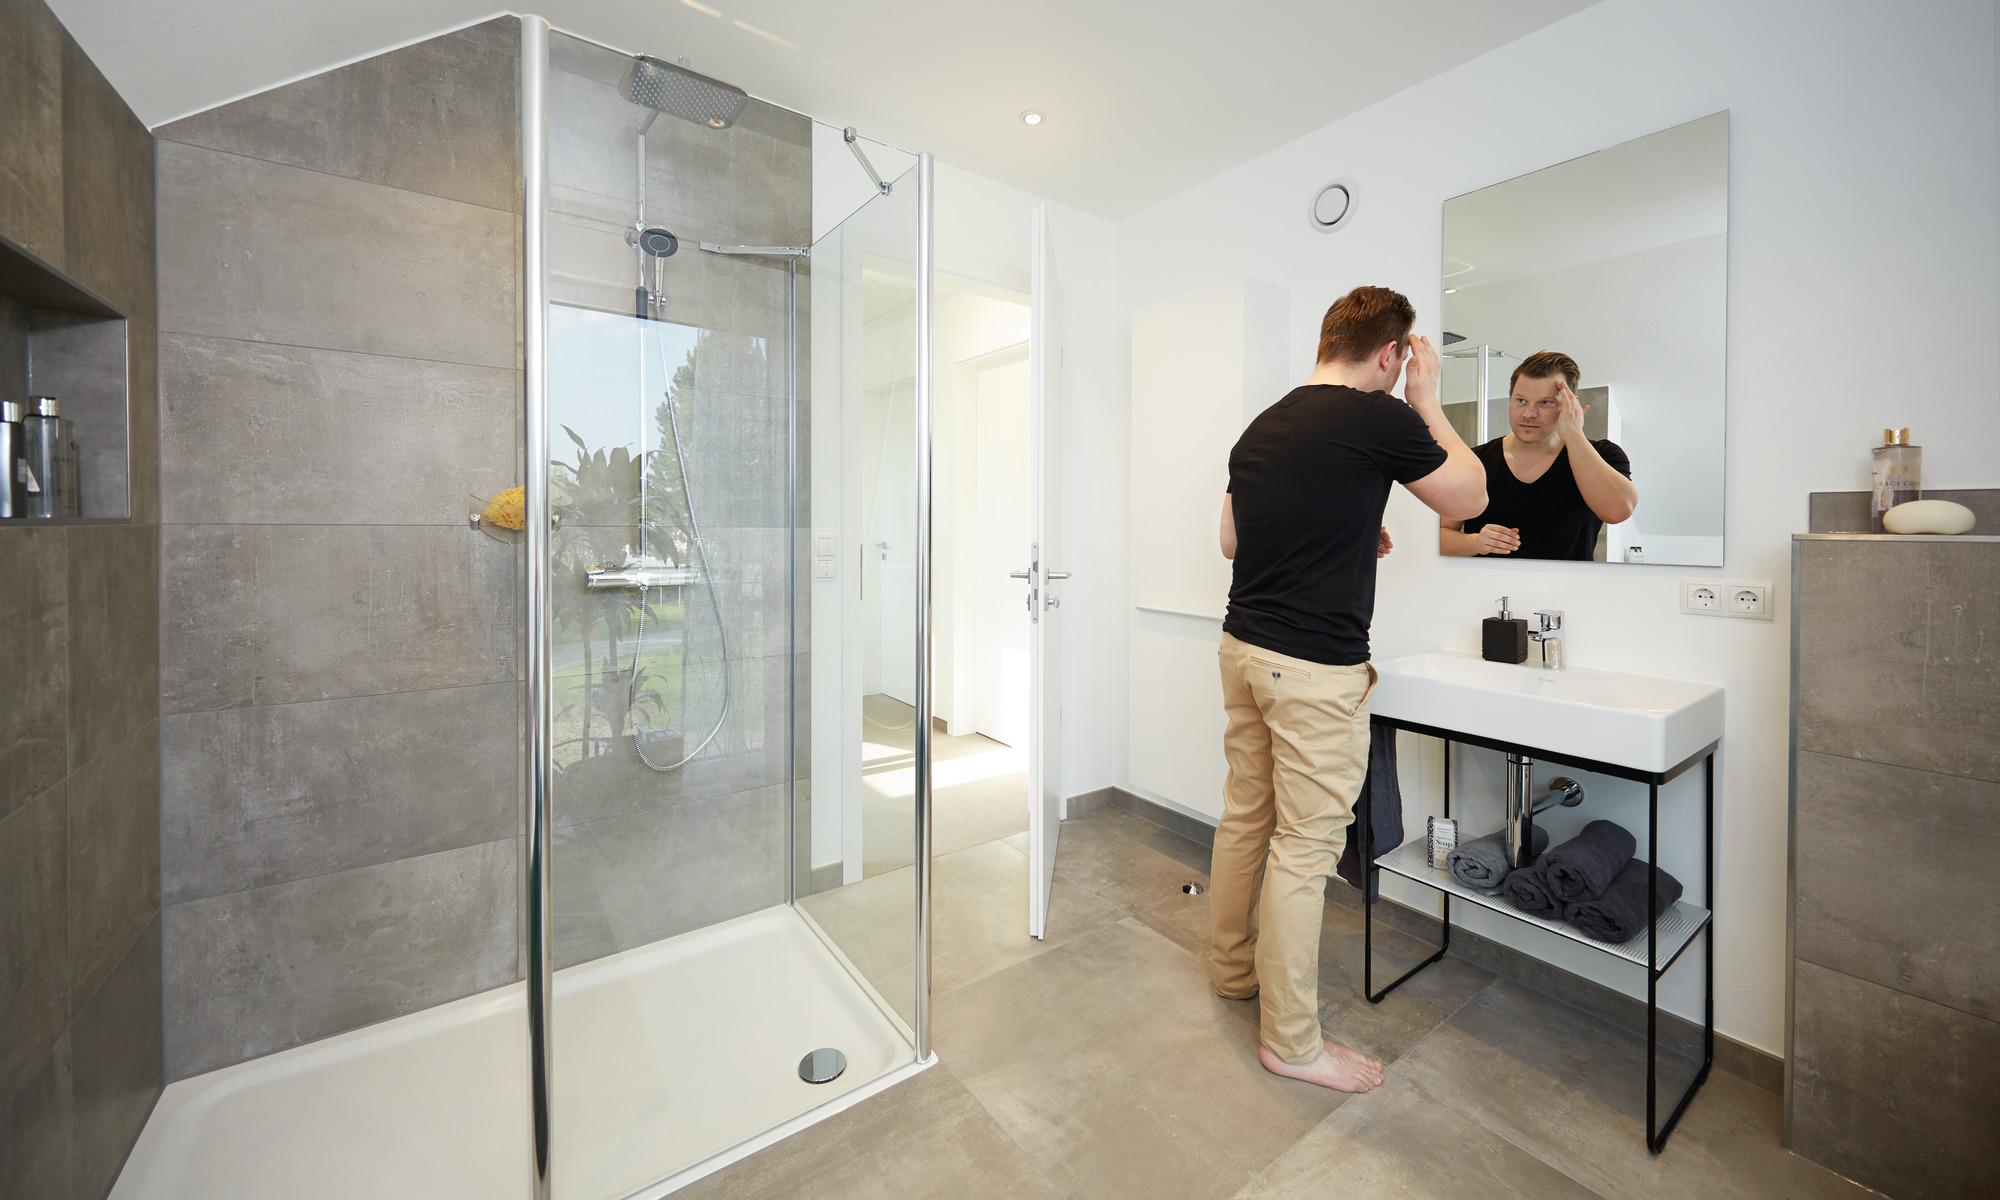 Badezimmer mit Walk-in-Dusche